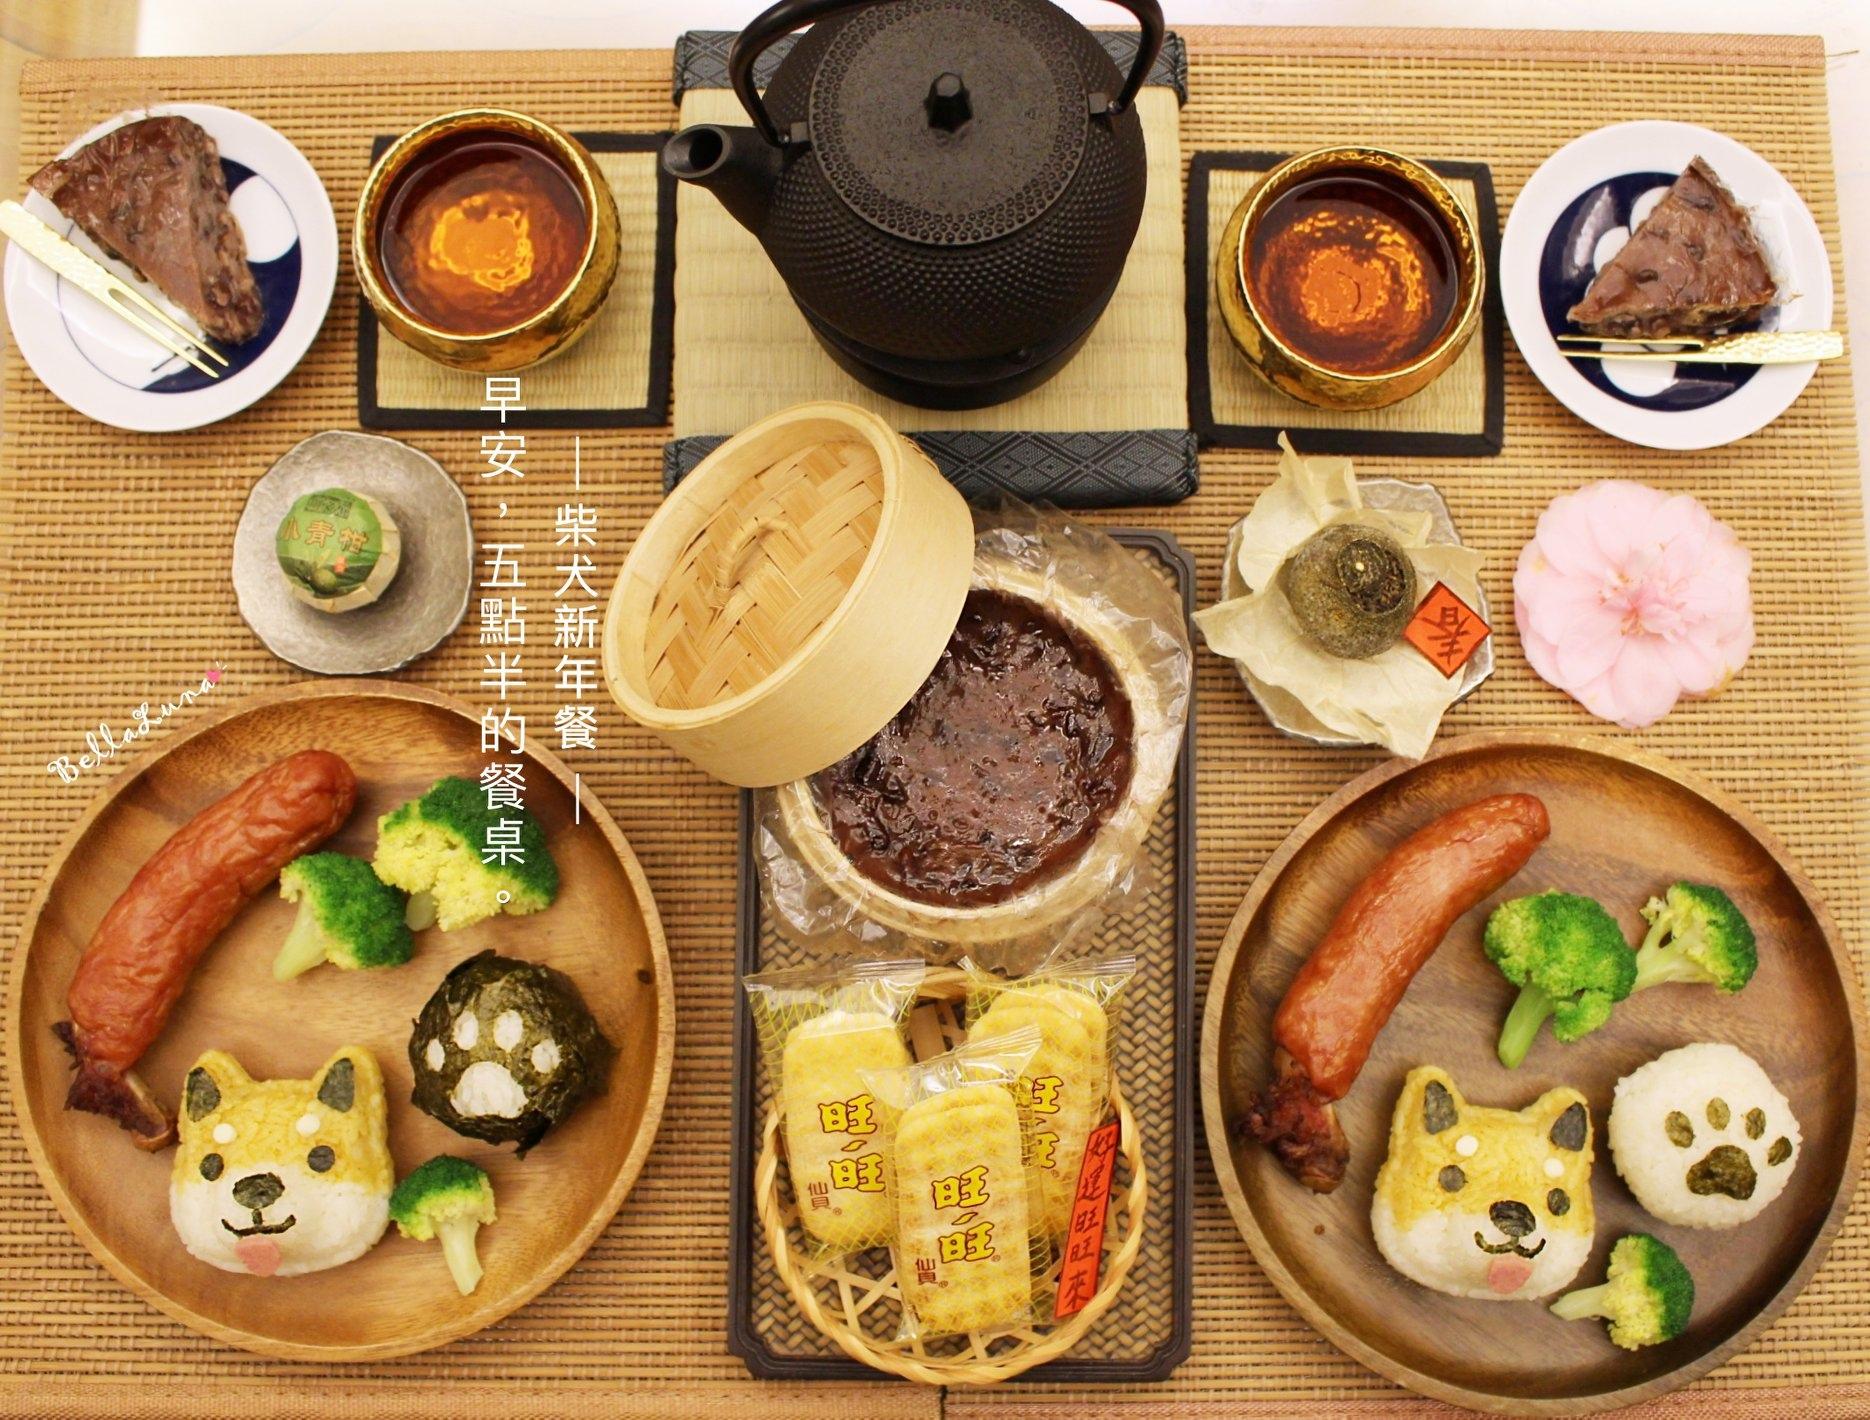 柴犬新年餐 1.jpg